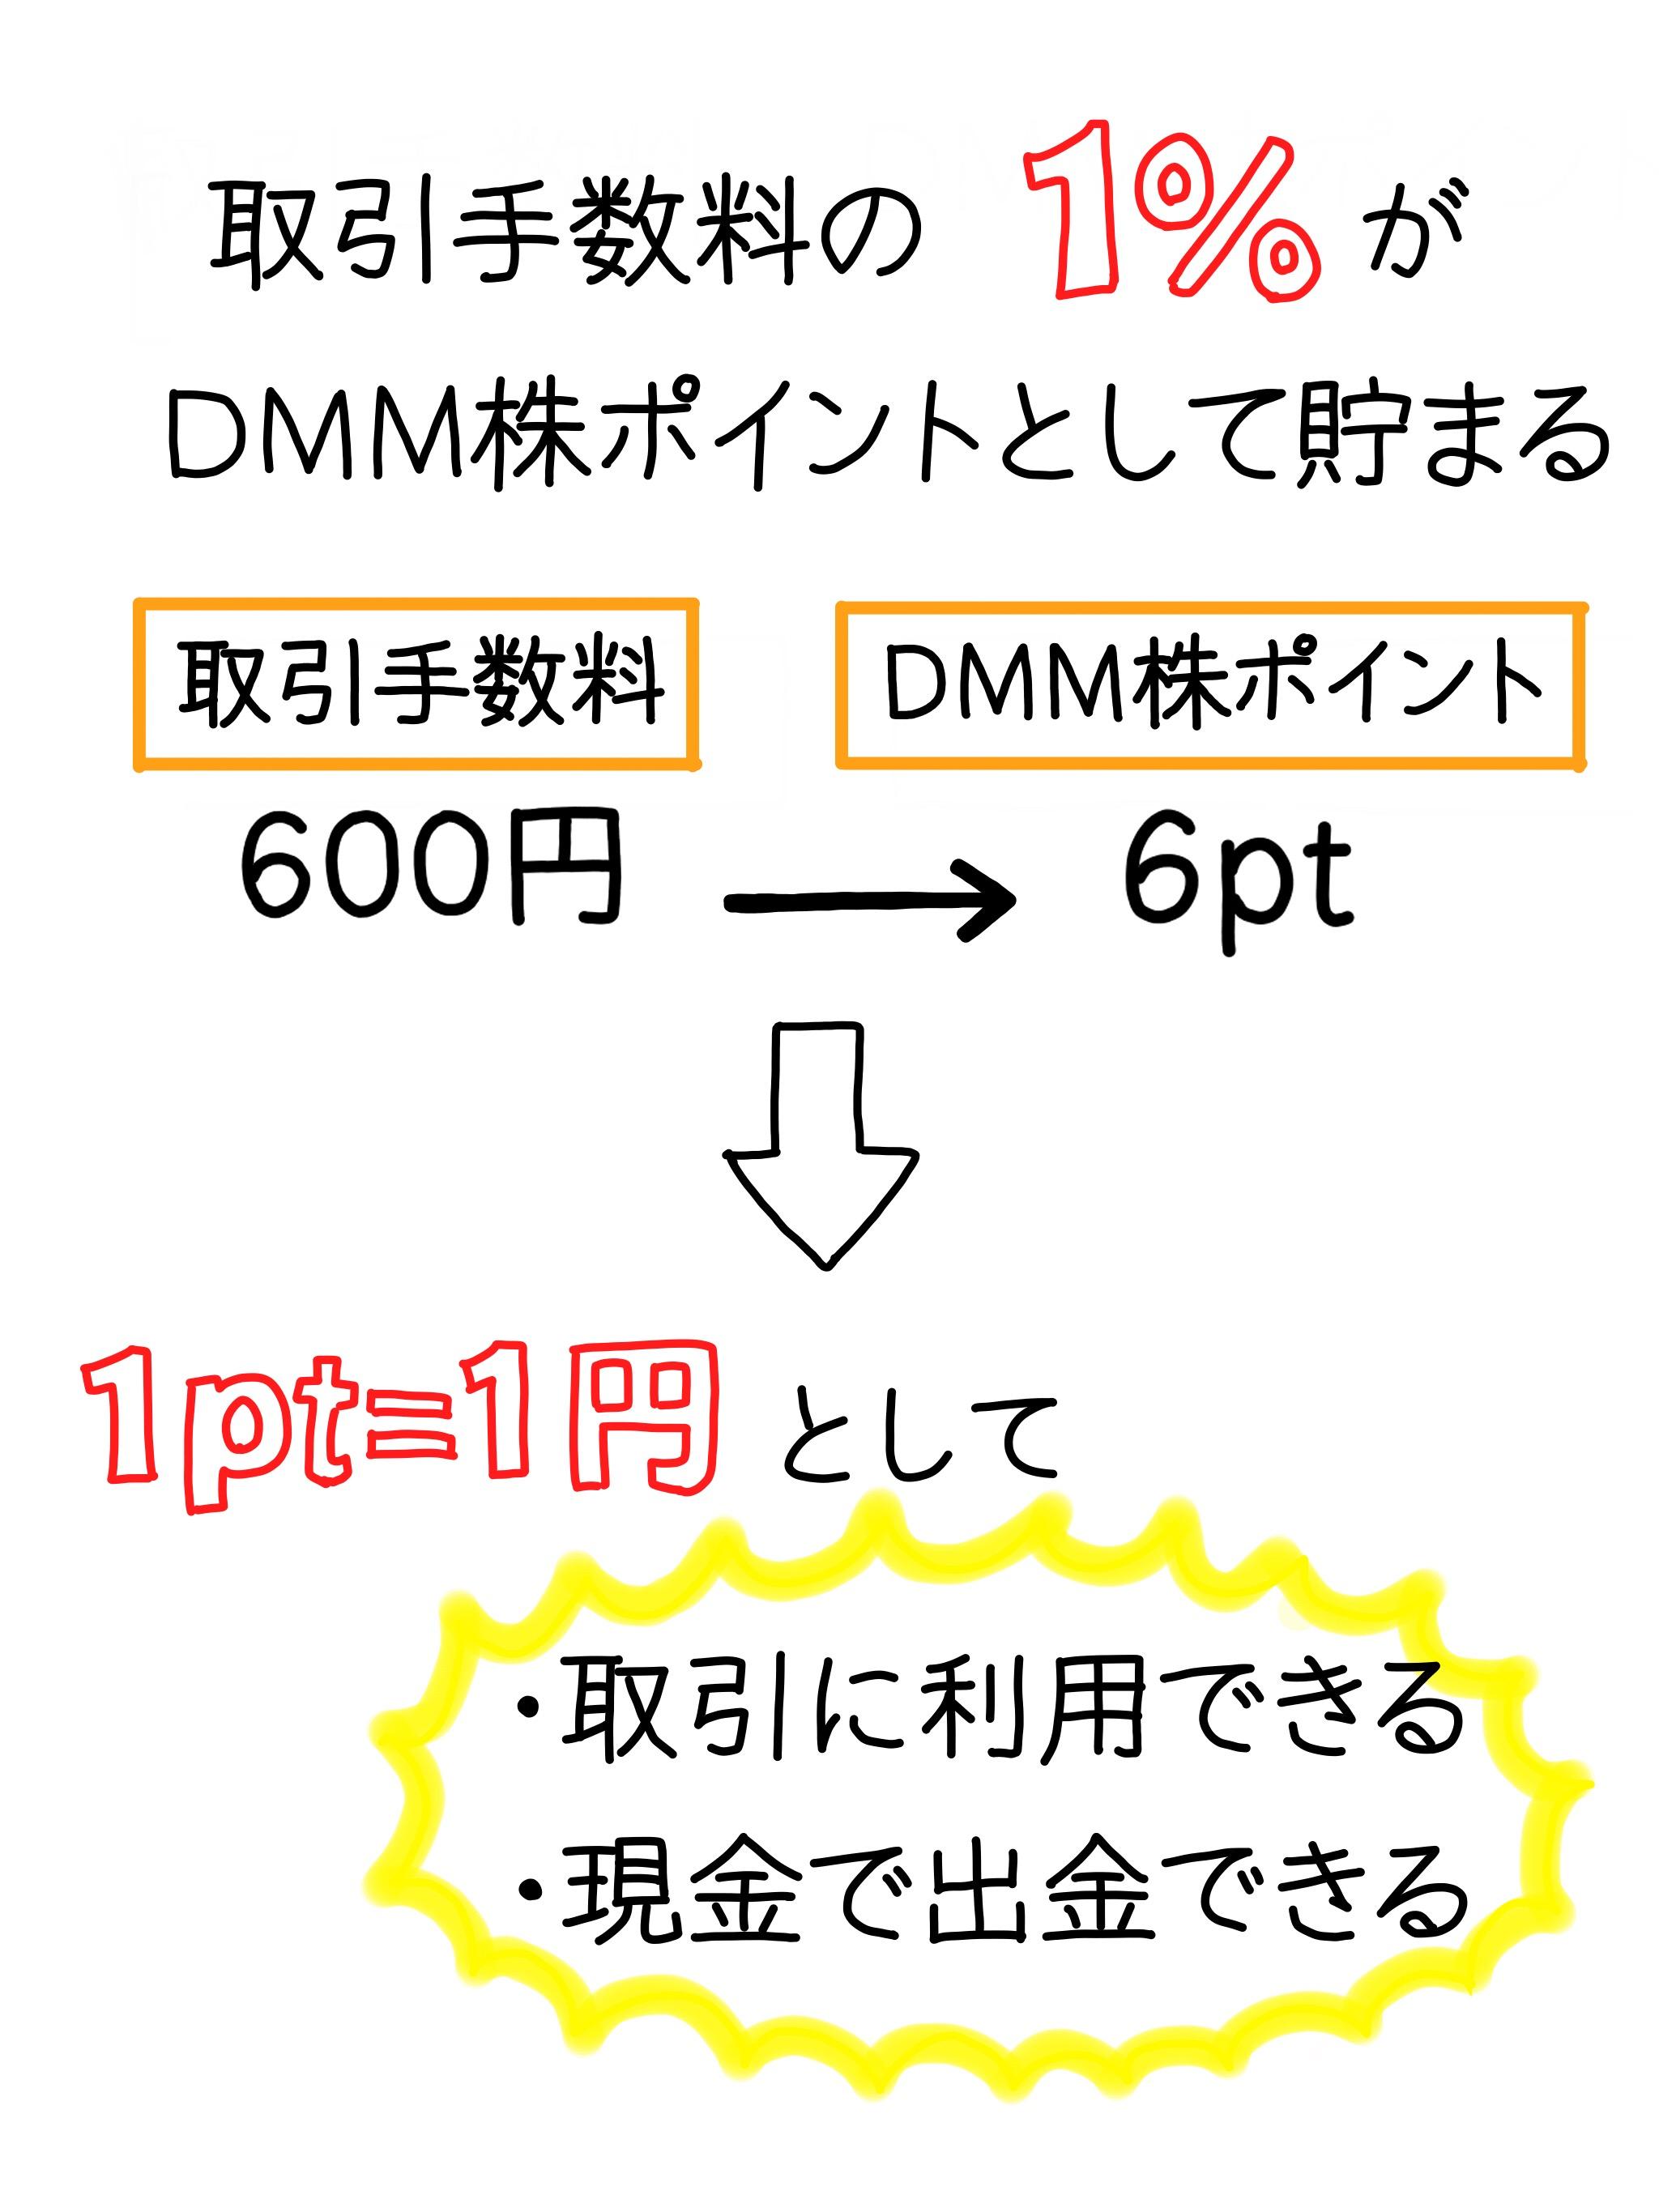 DMMで発生した取引手数料で、ポイントが貯まる